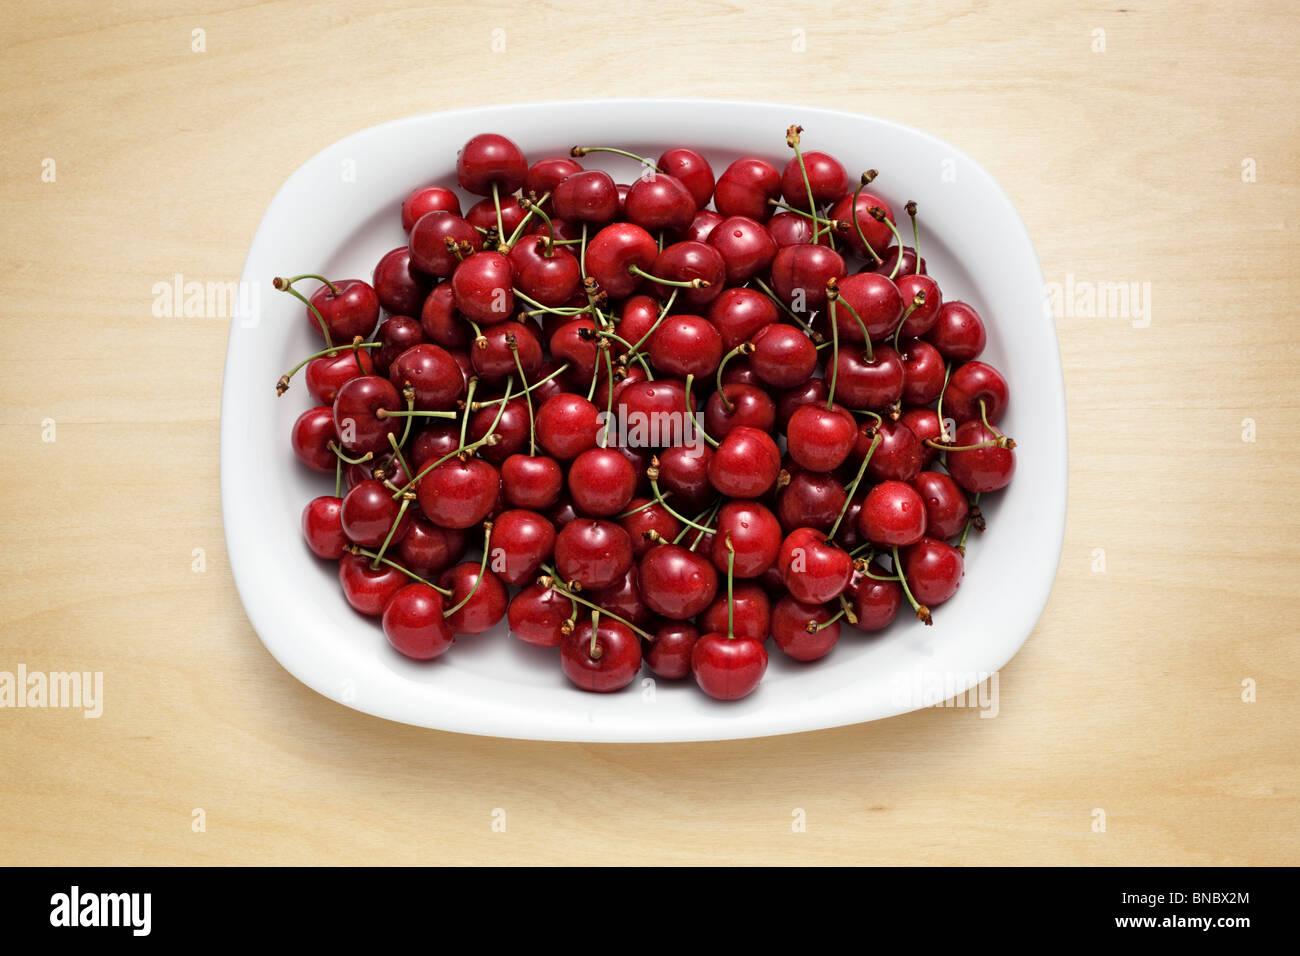 Placa con cerezas dulces Foto de stock